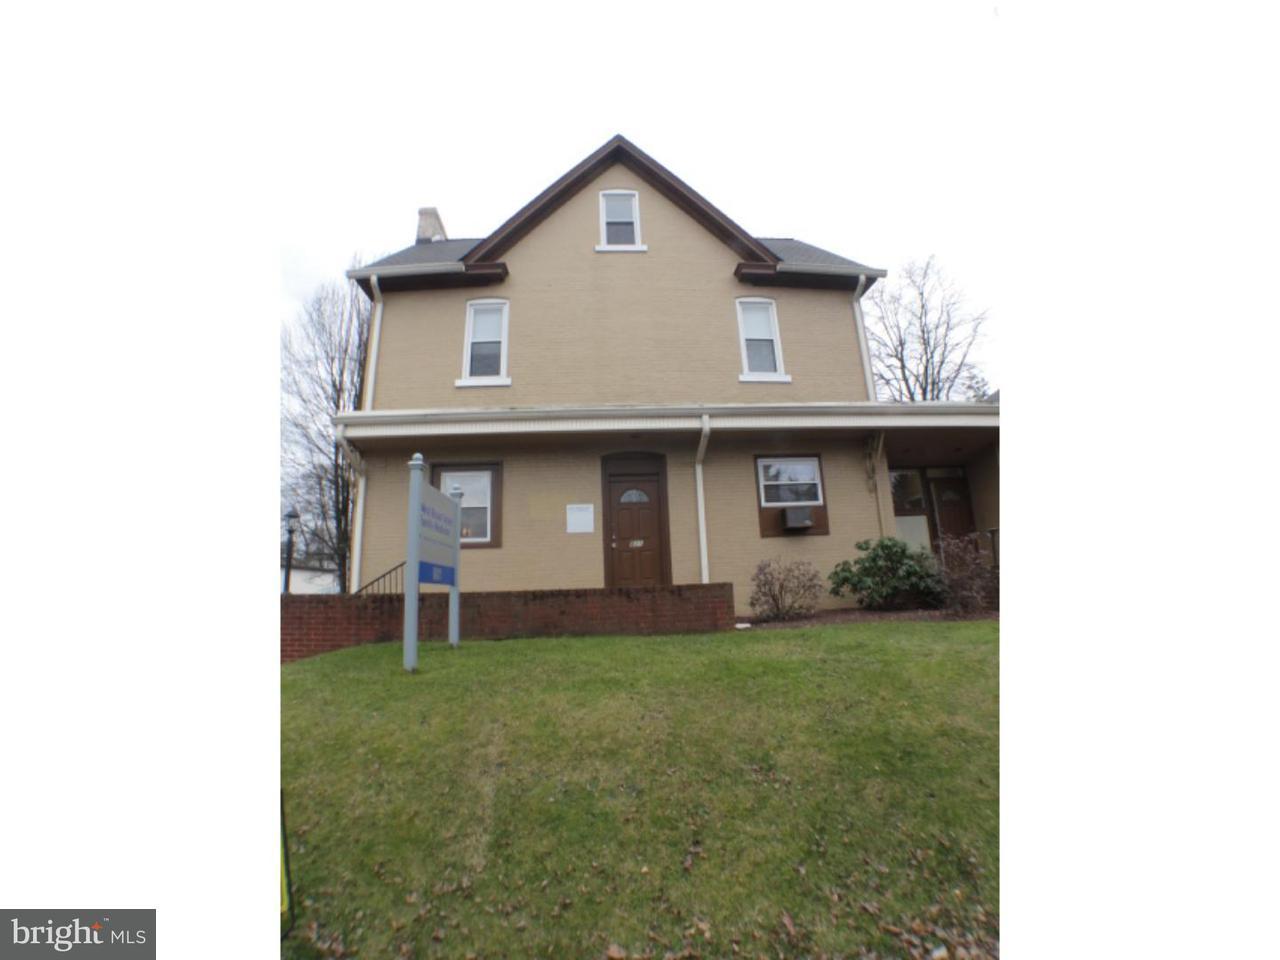 Casa Unifamiliar por un Alquiler en 801 W BROAD ST ##2 Bethlehem, Pennsylvania 18018 Estados Unidos